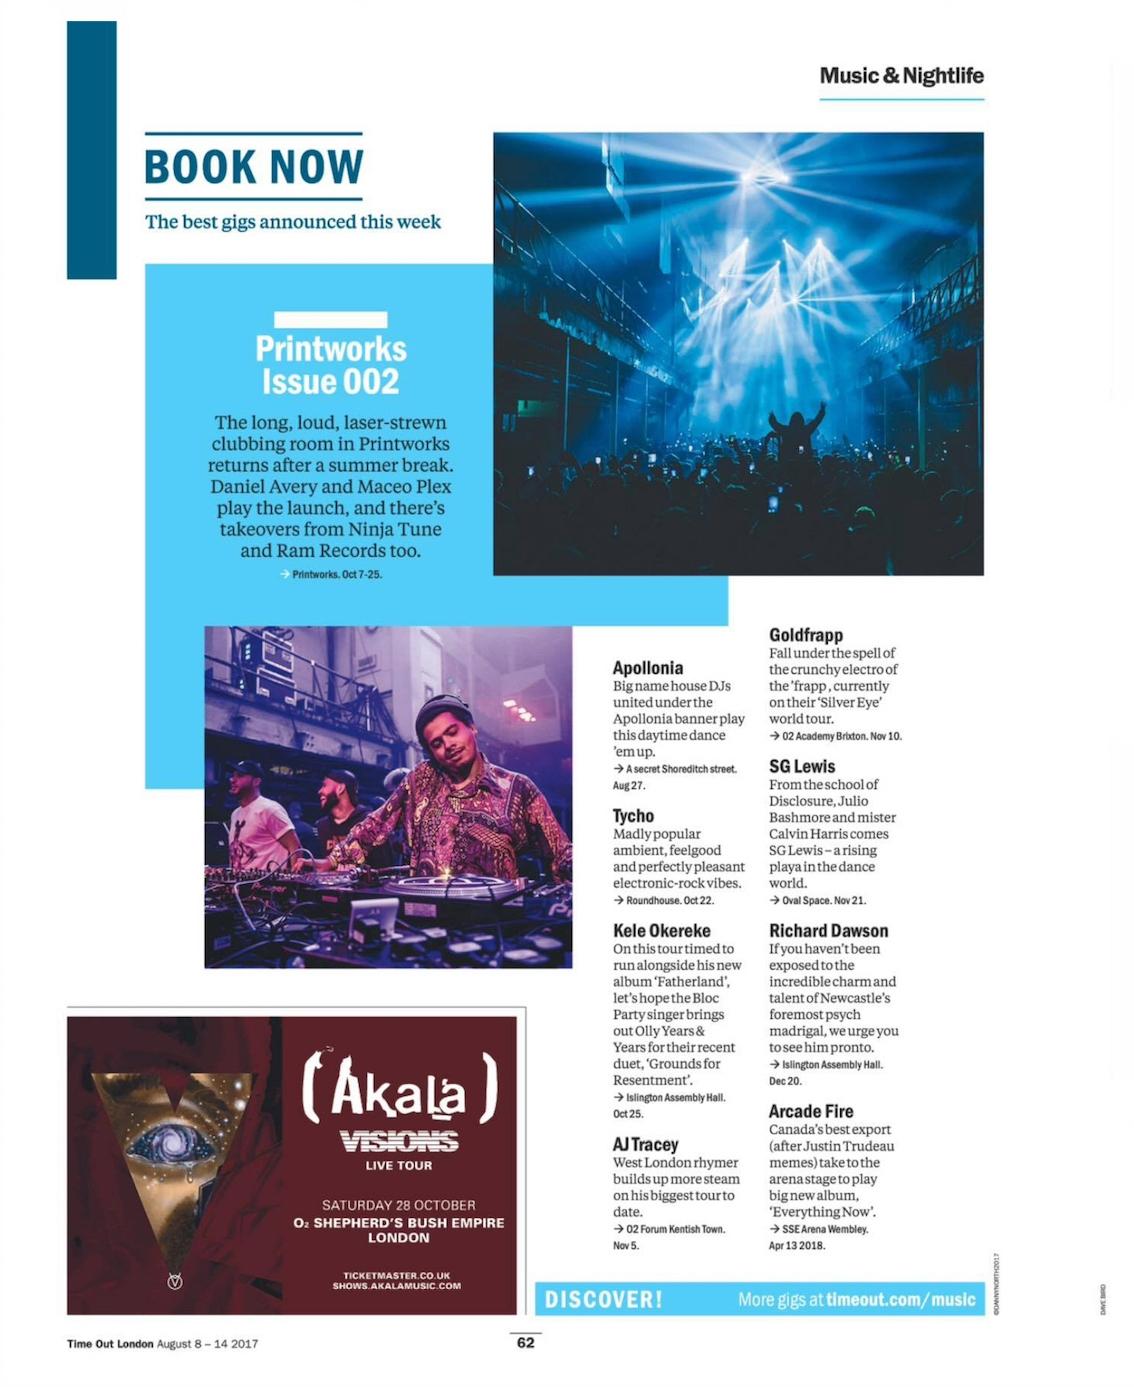 region-specific press coverage - timeout london event listing: apollonia @ unleash